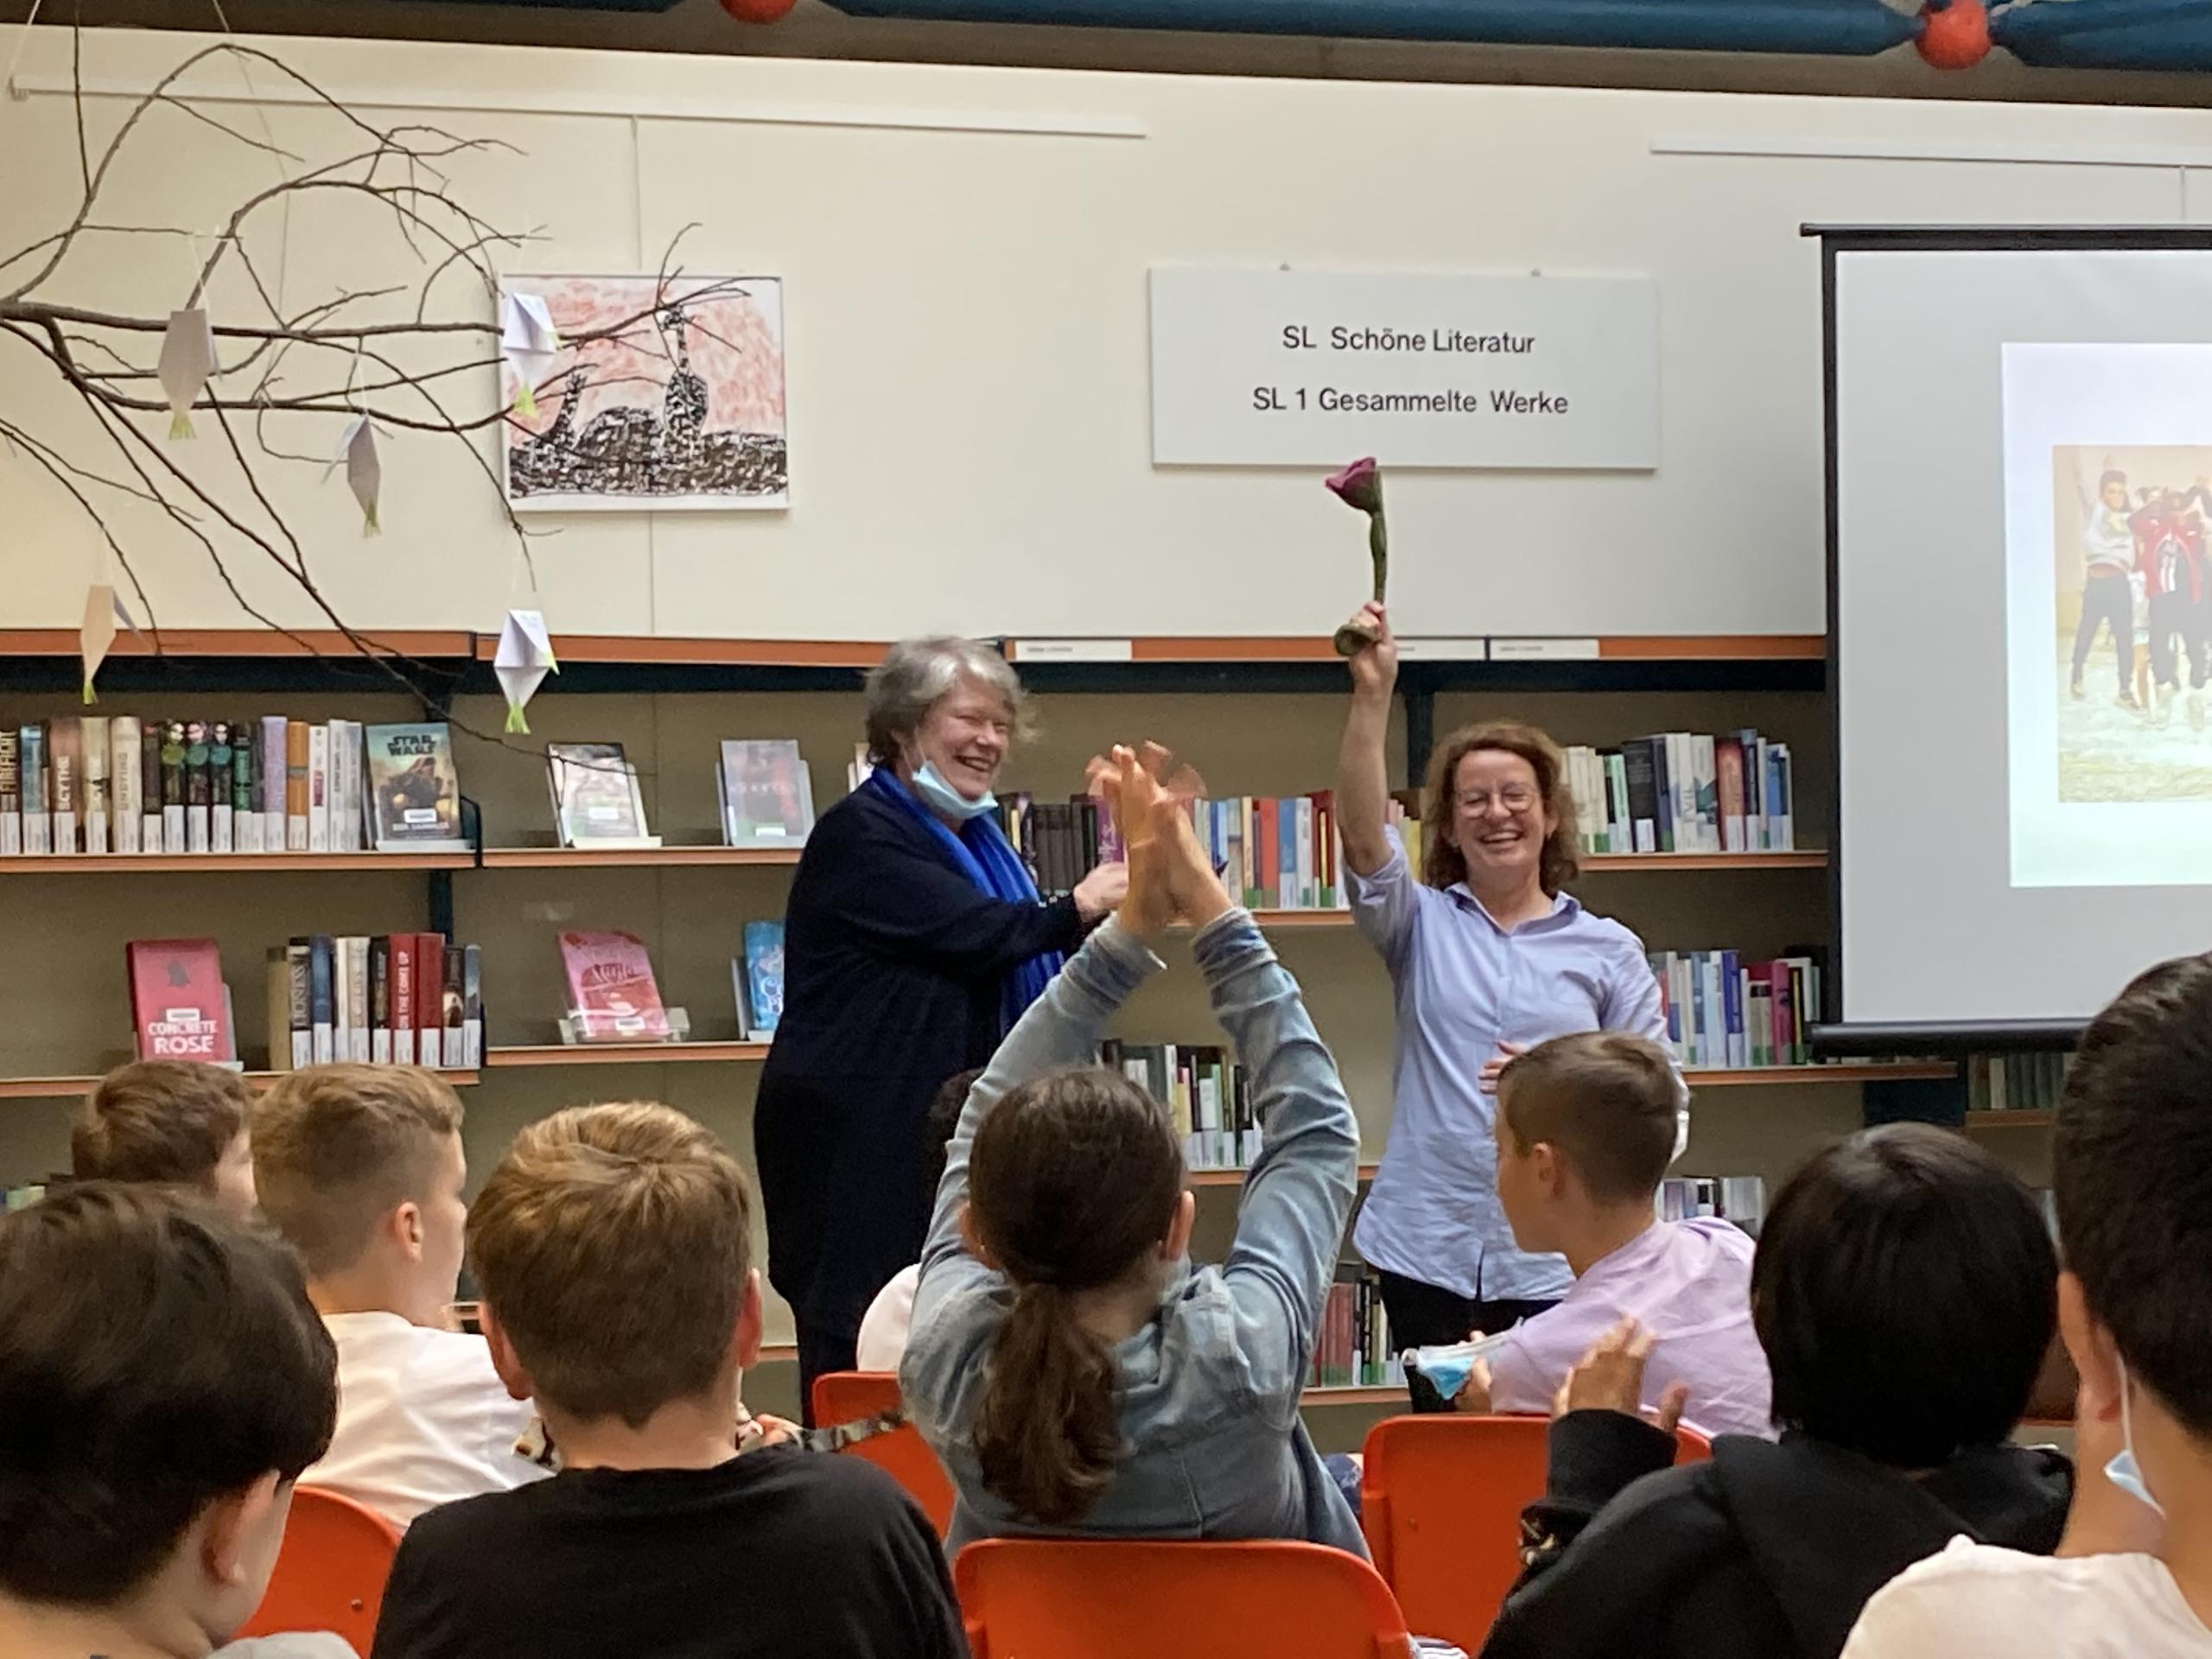 12.07. 2021 Margit Auer in der Bertolt-Brecht-Schulbibliothek